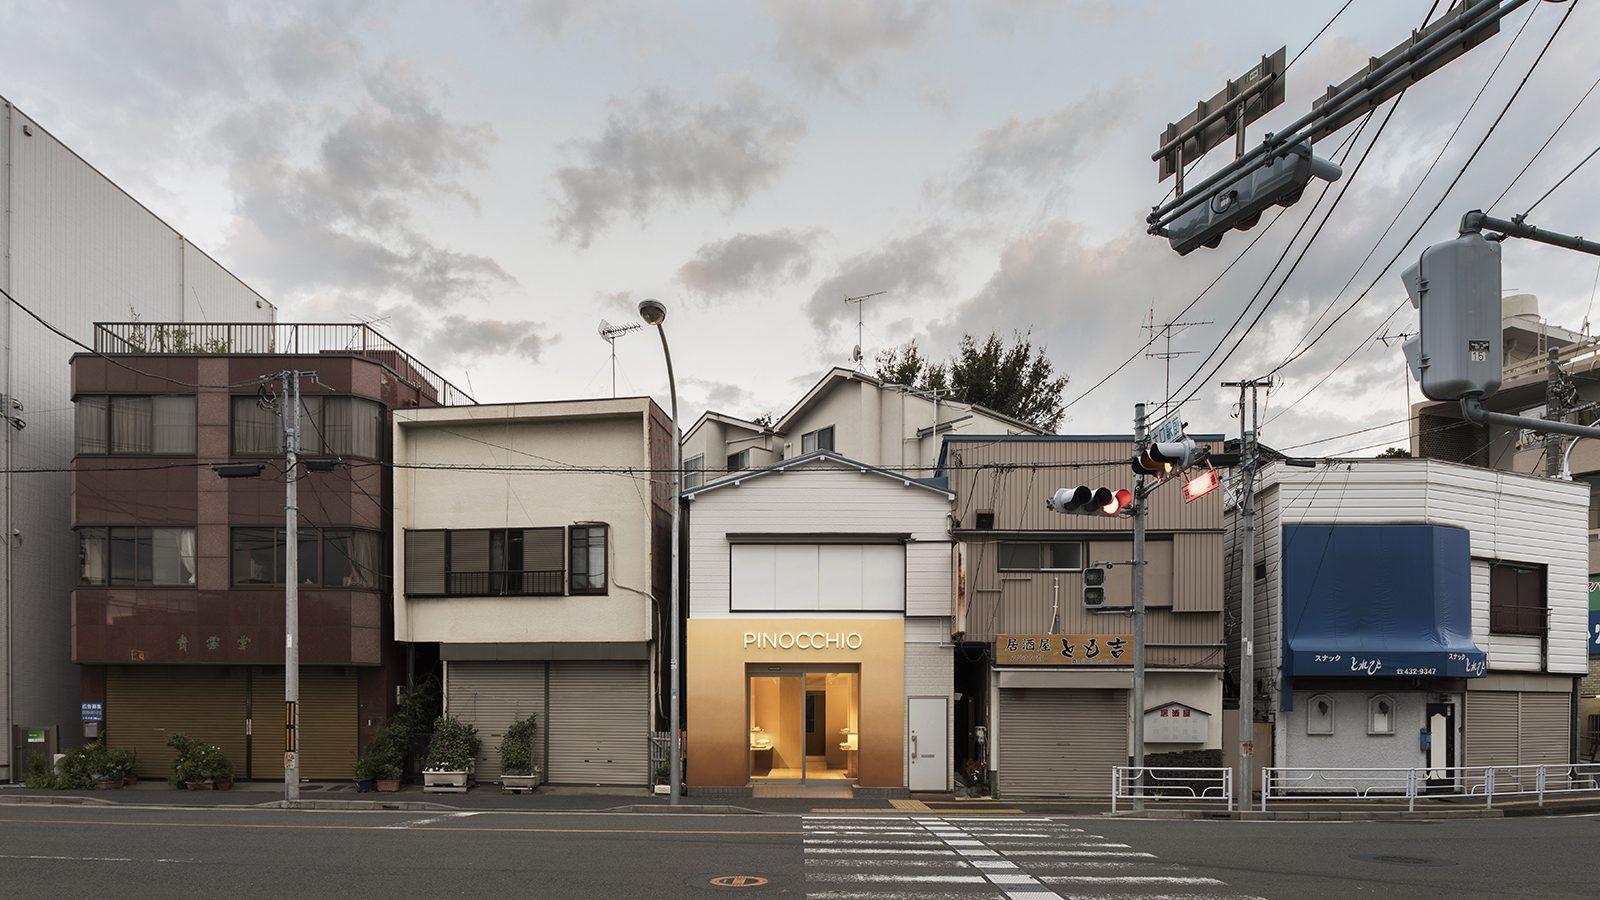 Il Giappone ama il pane: la storia di Pinocchio, la bakery che illumina Yokohama